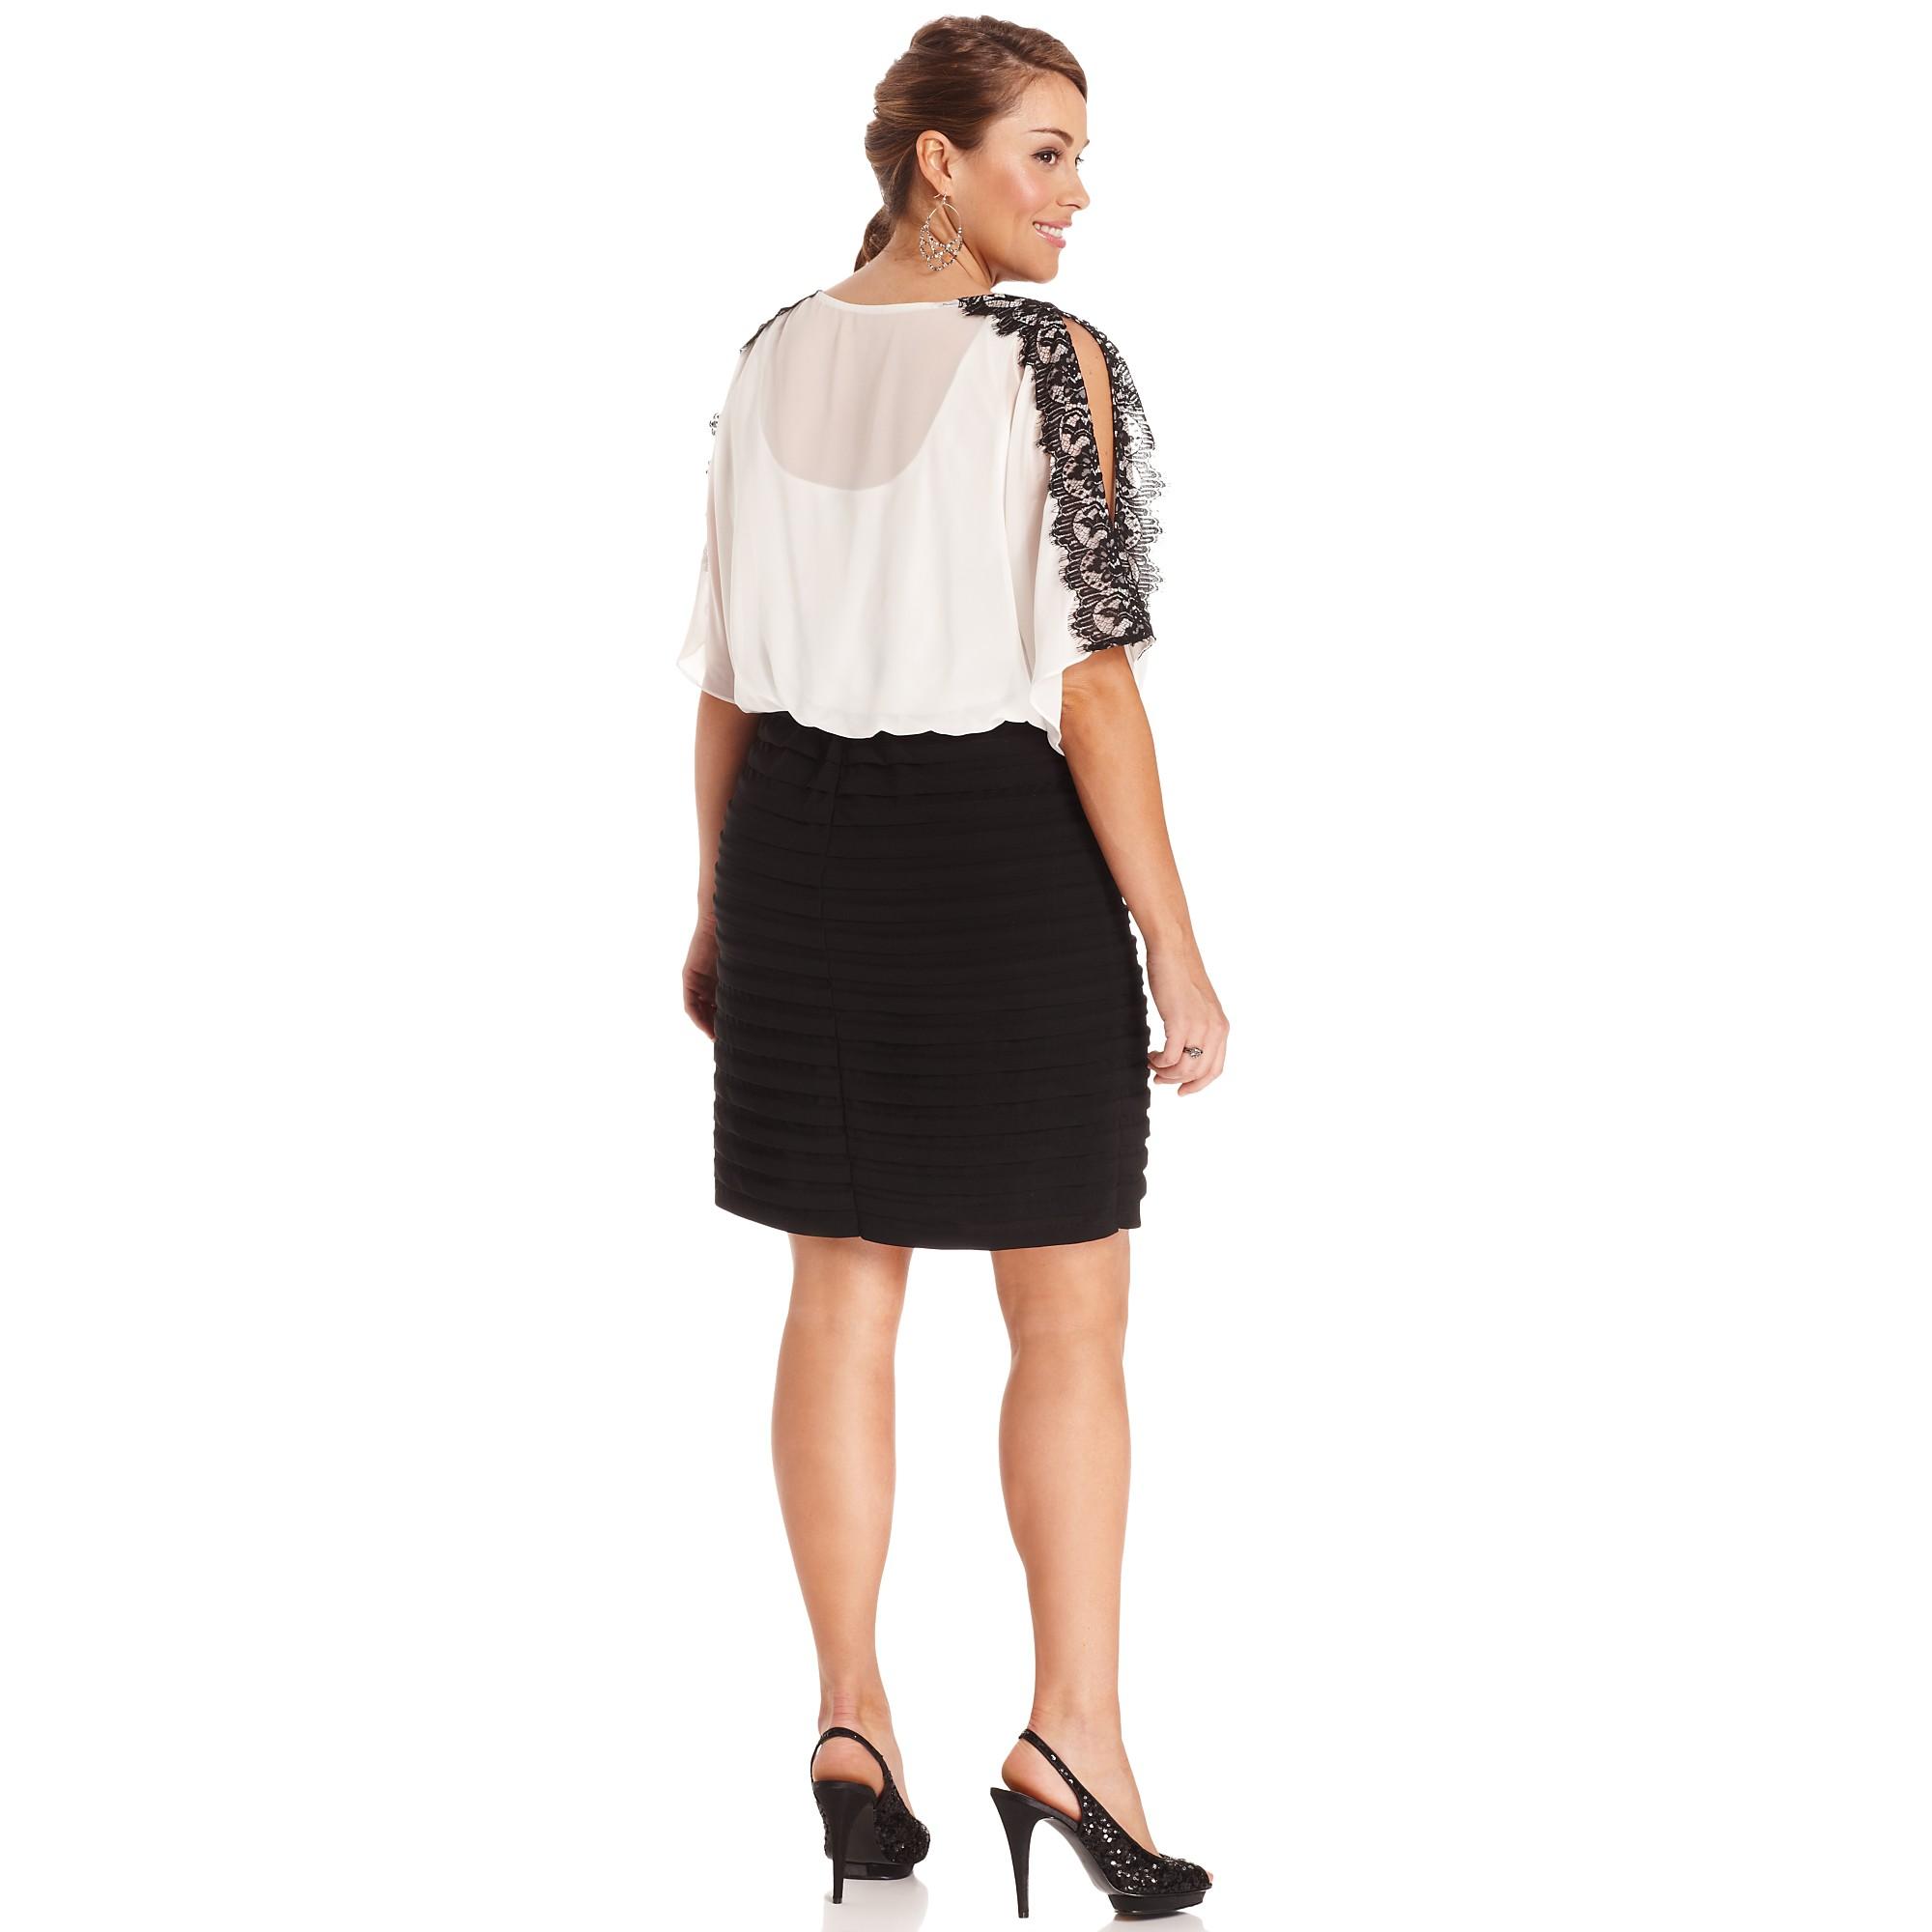 blouson plus size dresses image collections - dresses design ideas